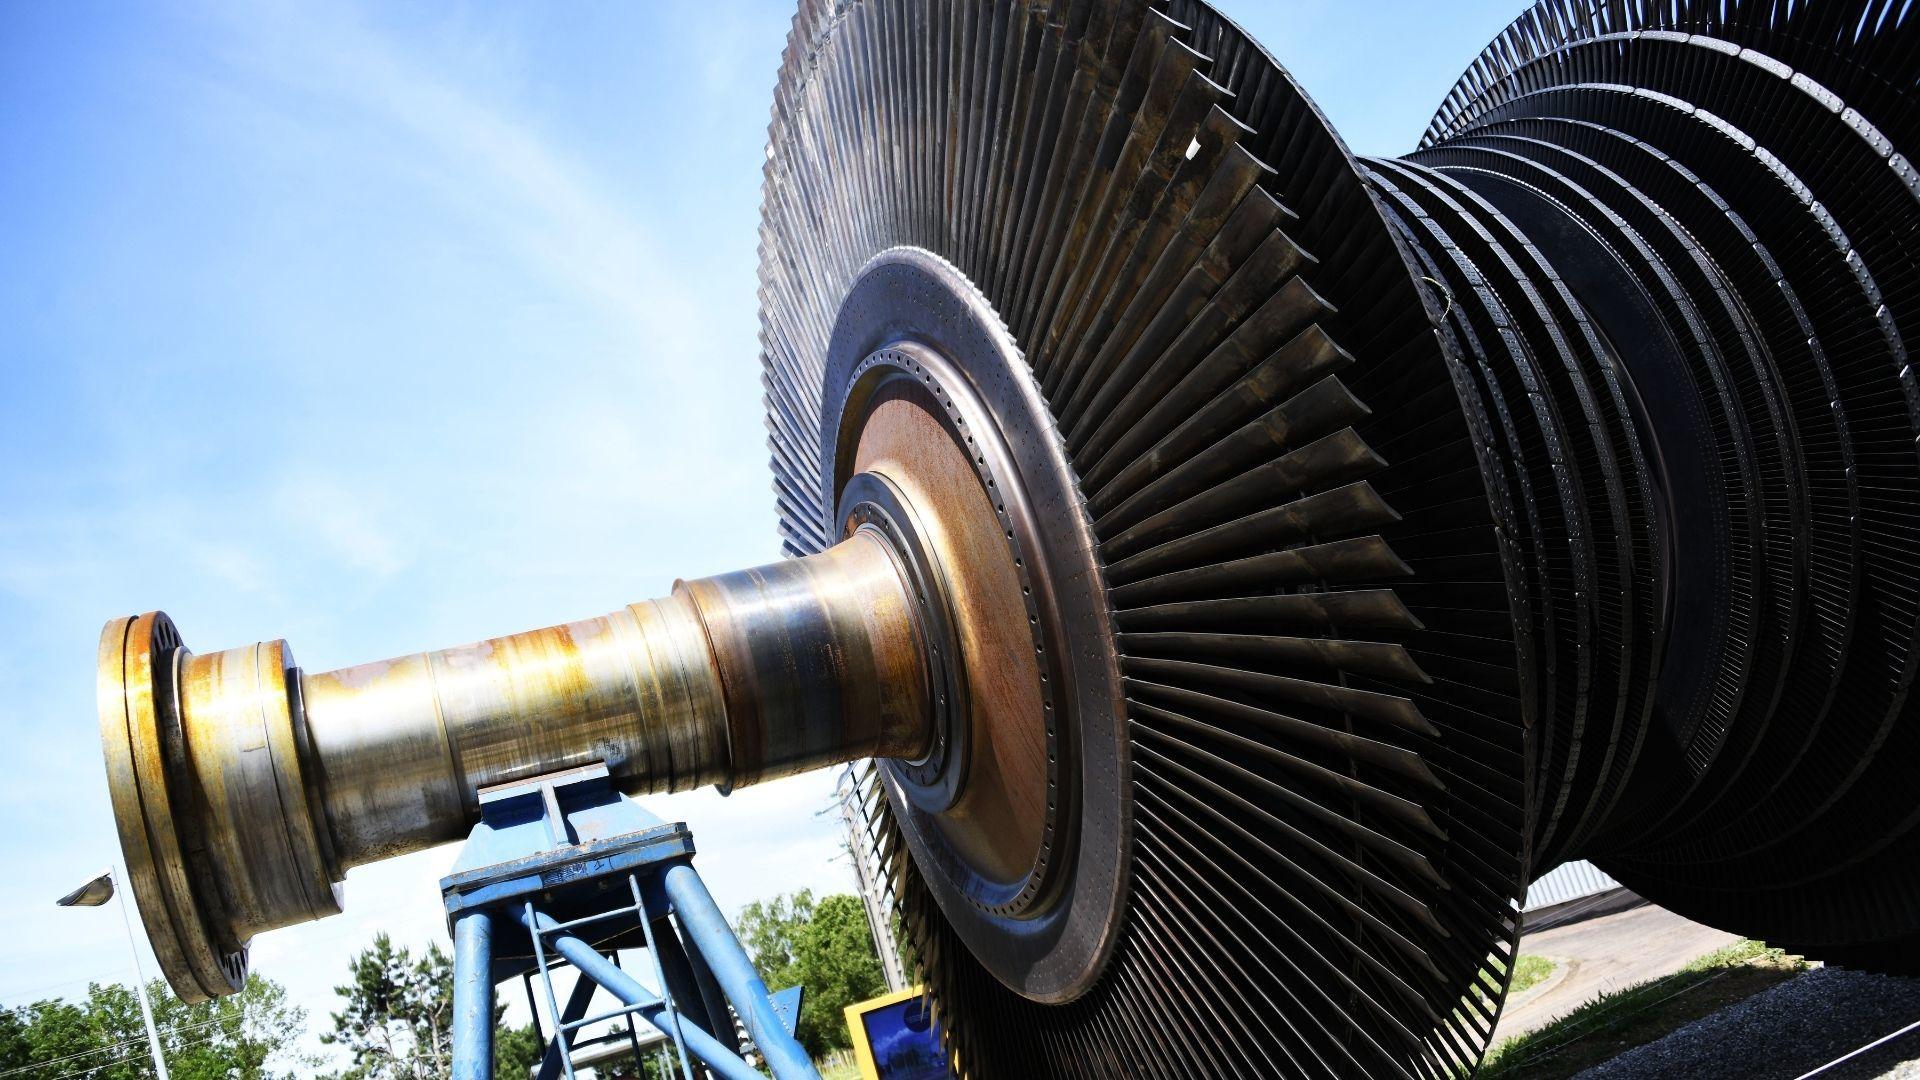 Du nouveau au musée Electropolis : le rotor géant de l'ancienne centrale nucléaire de Fessenheim